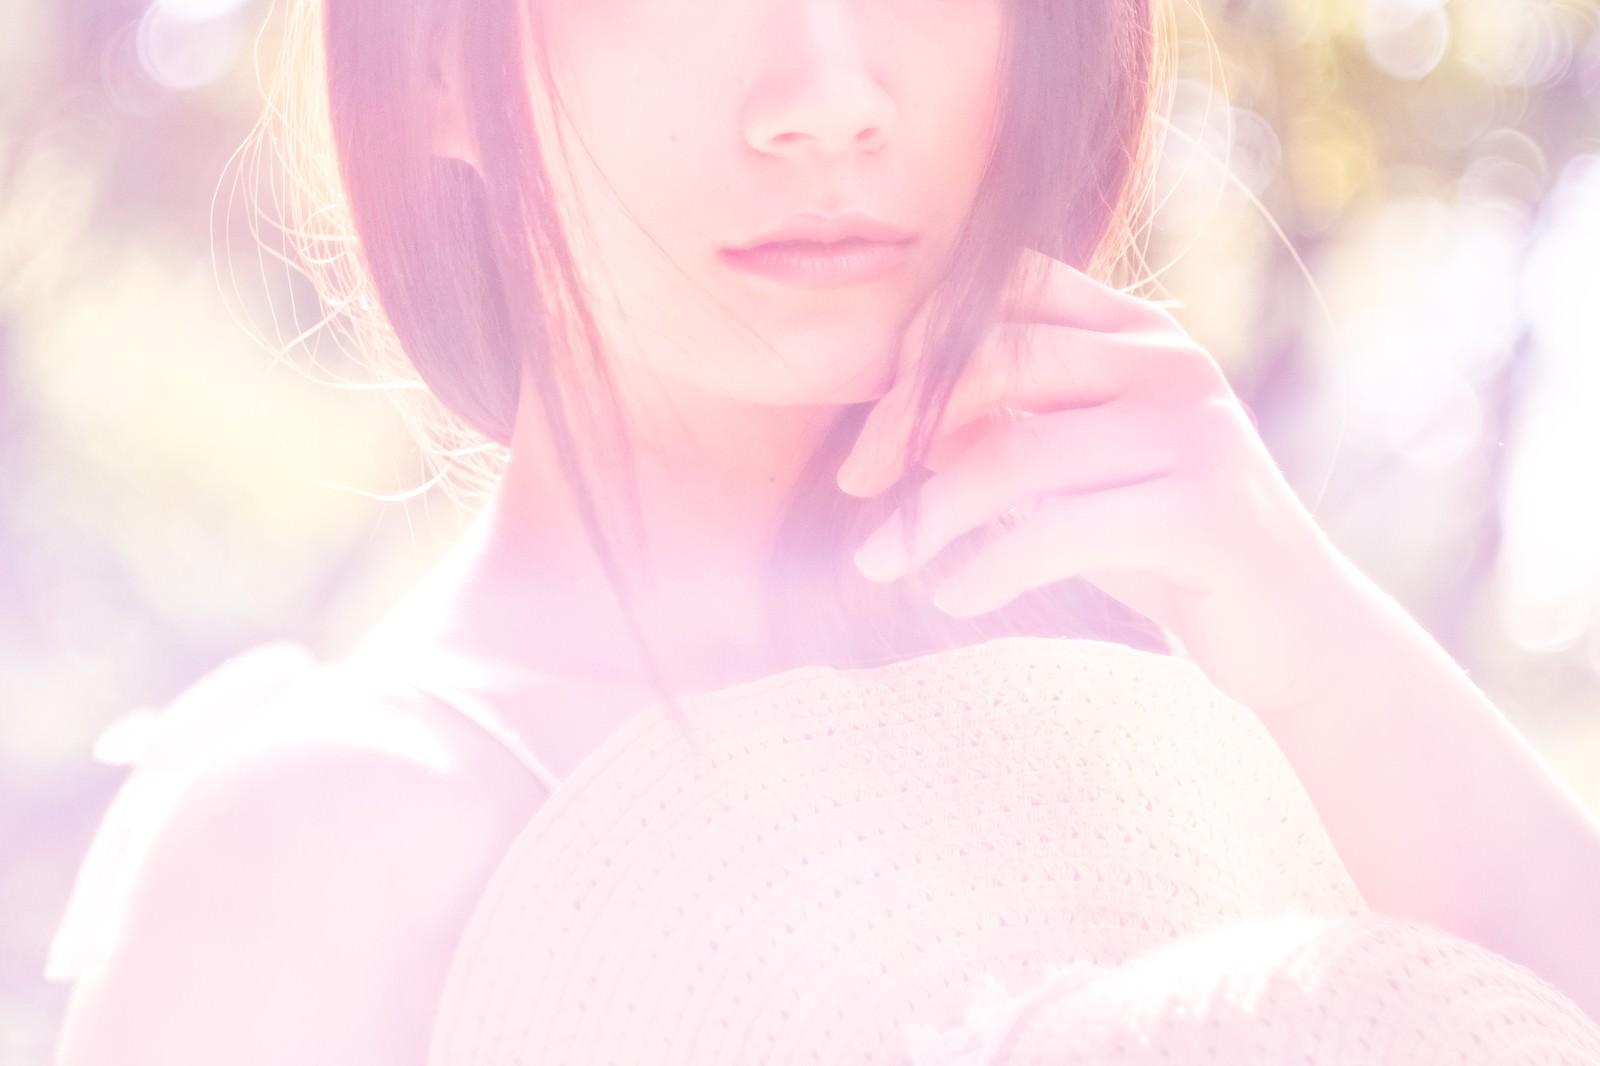 「柔らかな女性の口元柔らかな女性の口元」のフリー写真素材を拡大